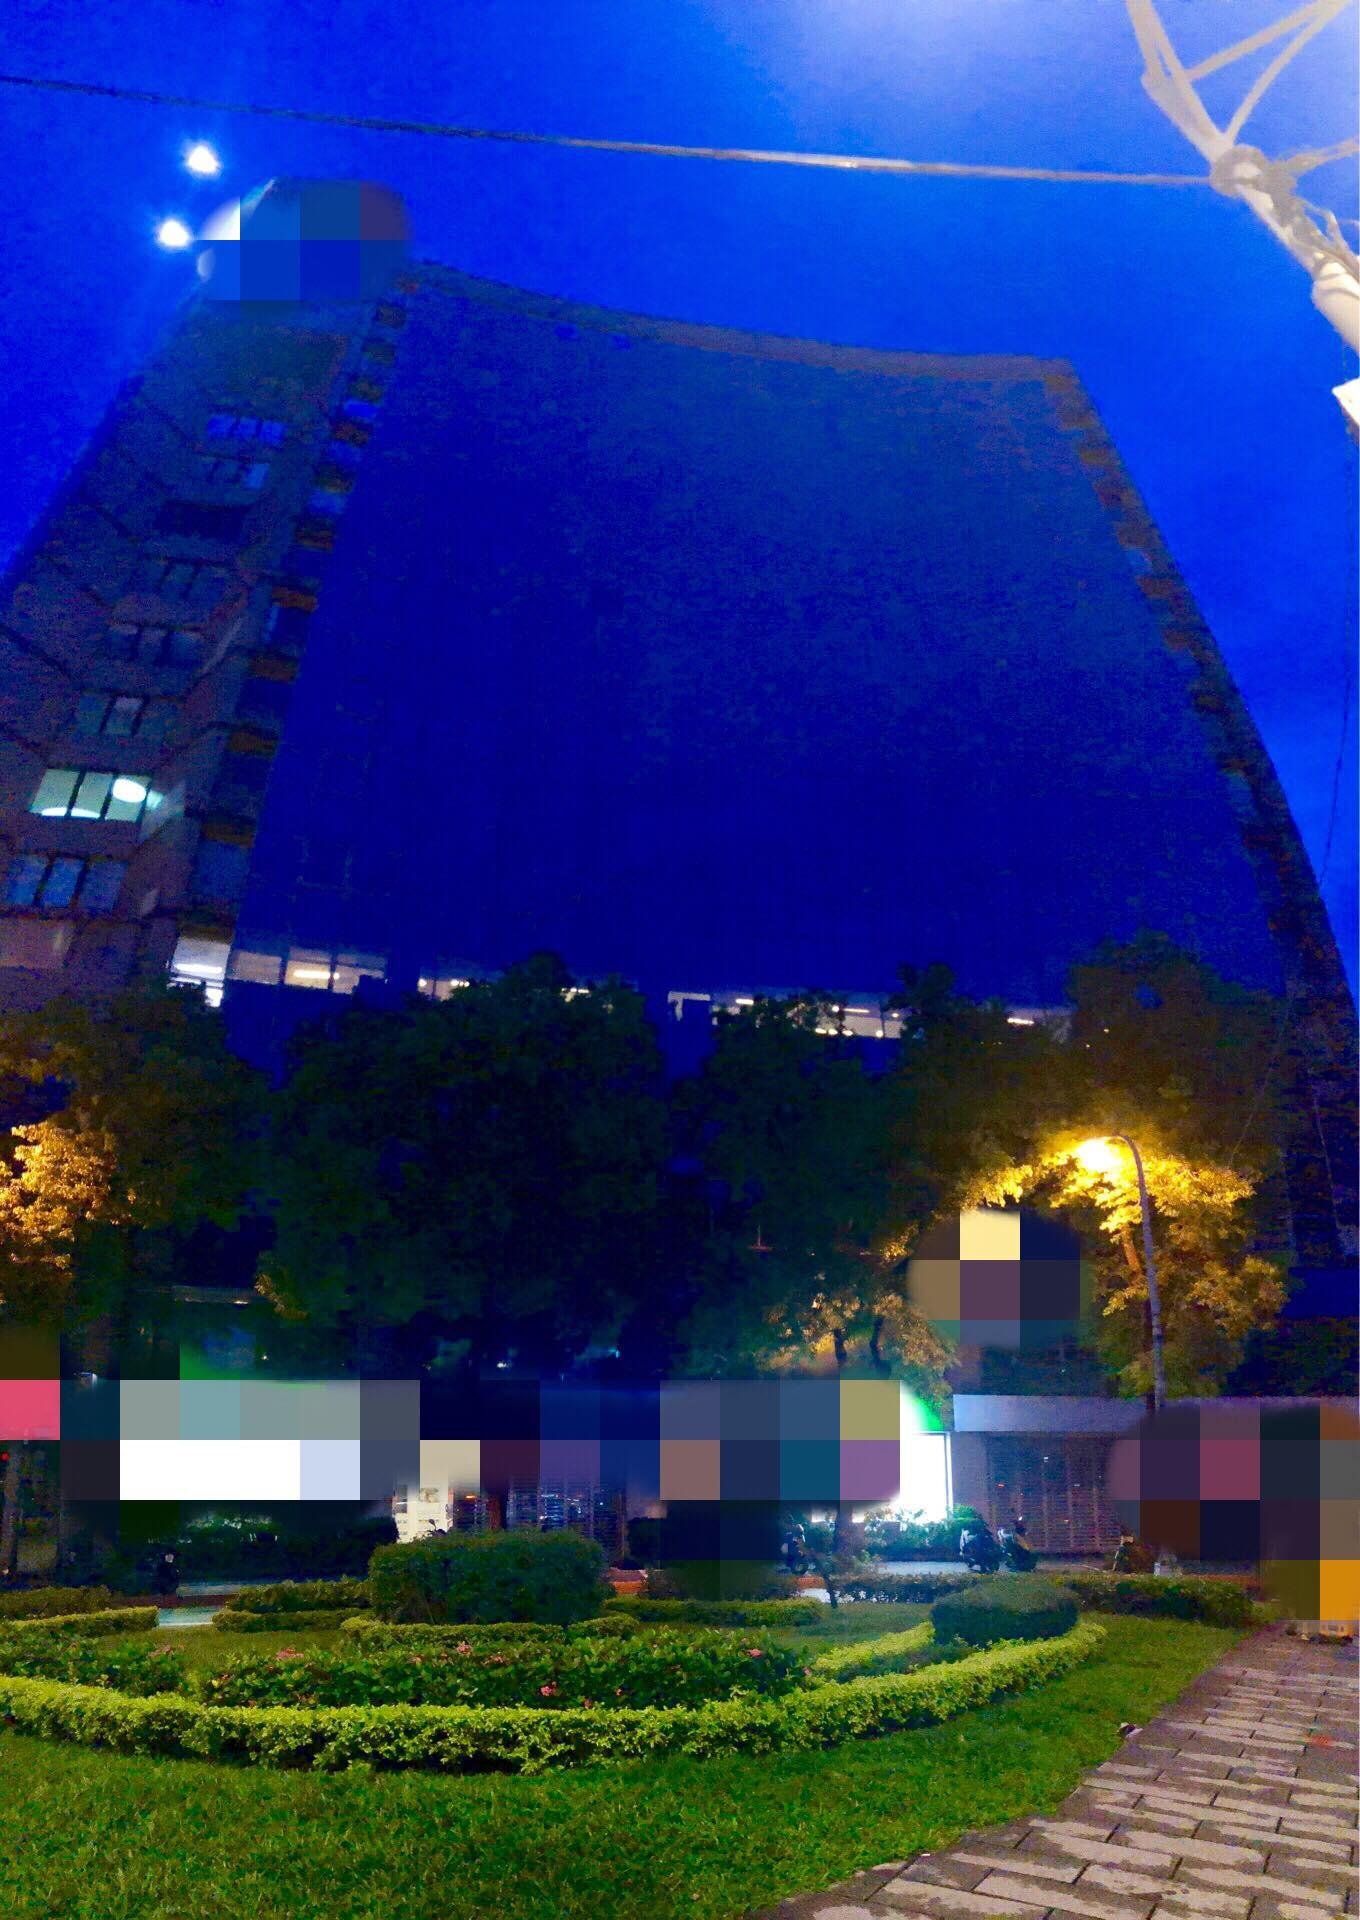 ▲▼半夜吊高空洗大樓外牆 窗內突現「綠光人影」!作業員嚇壞(圖/小檸檬供稿專用)